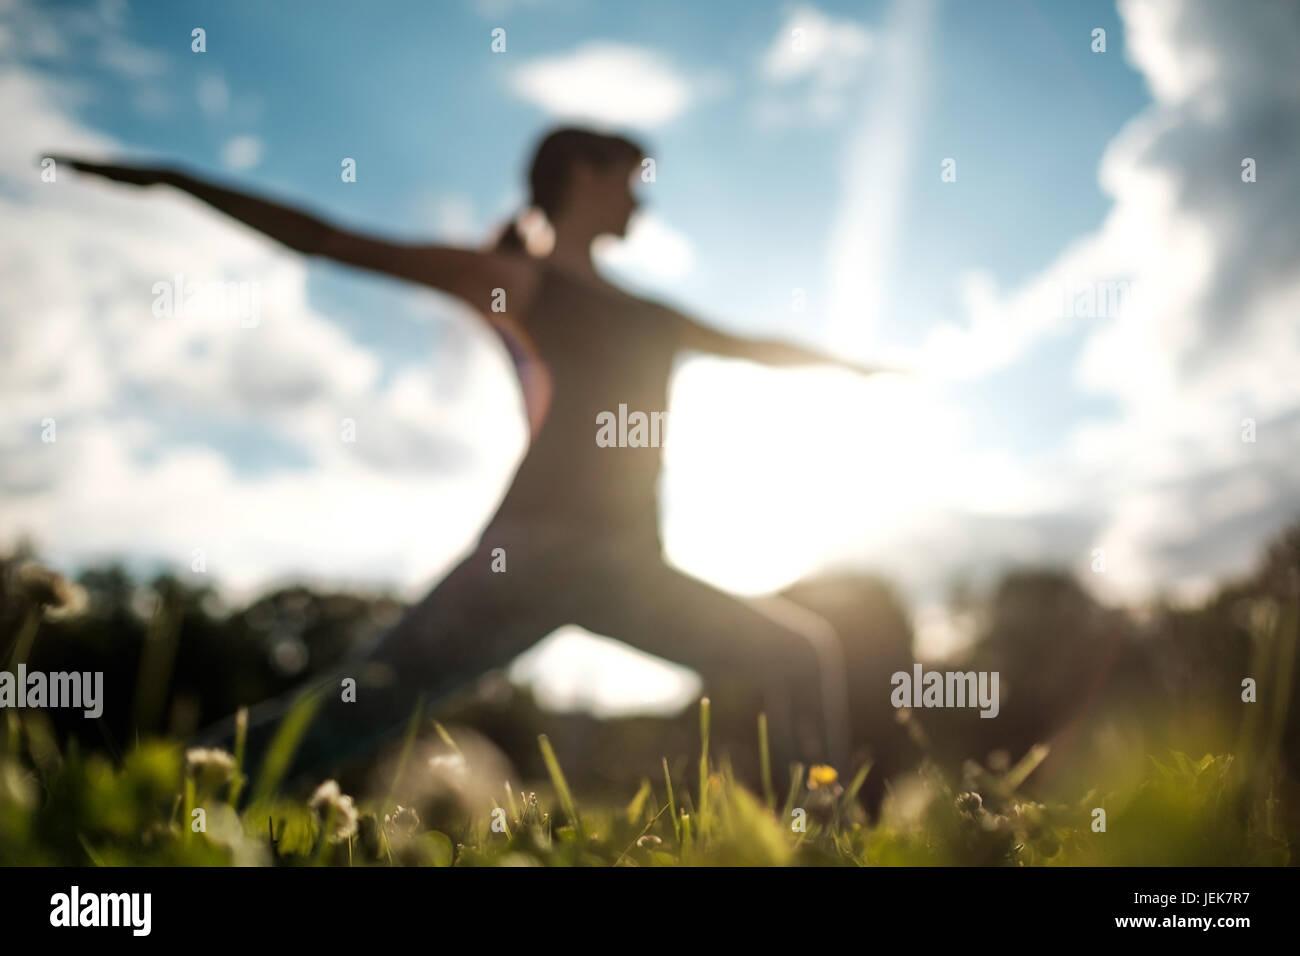 Sportlich fit kaukasischen Frau Asana Virabhadrasana 2 Krieger Pose Haltung in der Natur zu tun. Stockbild